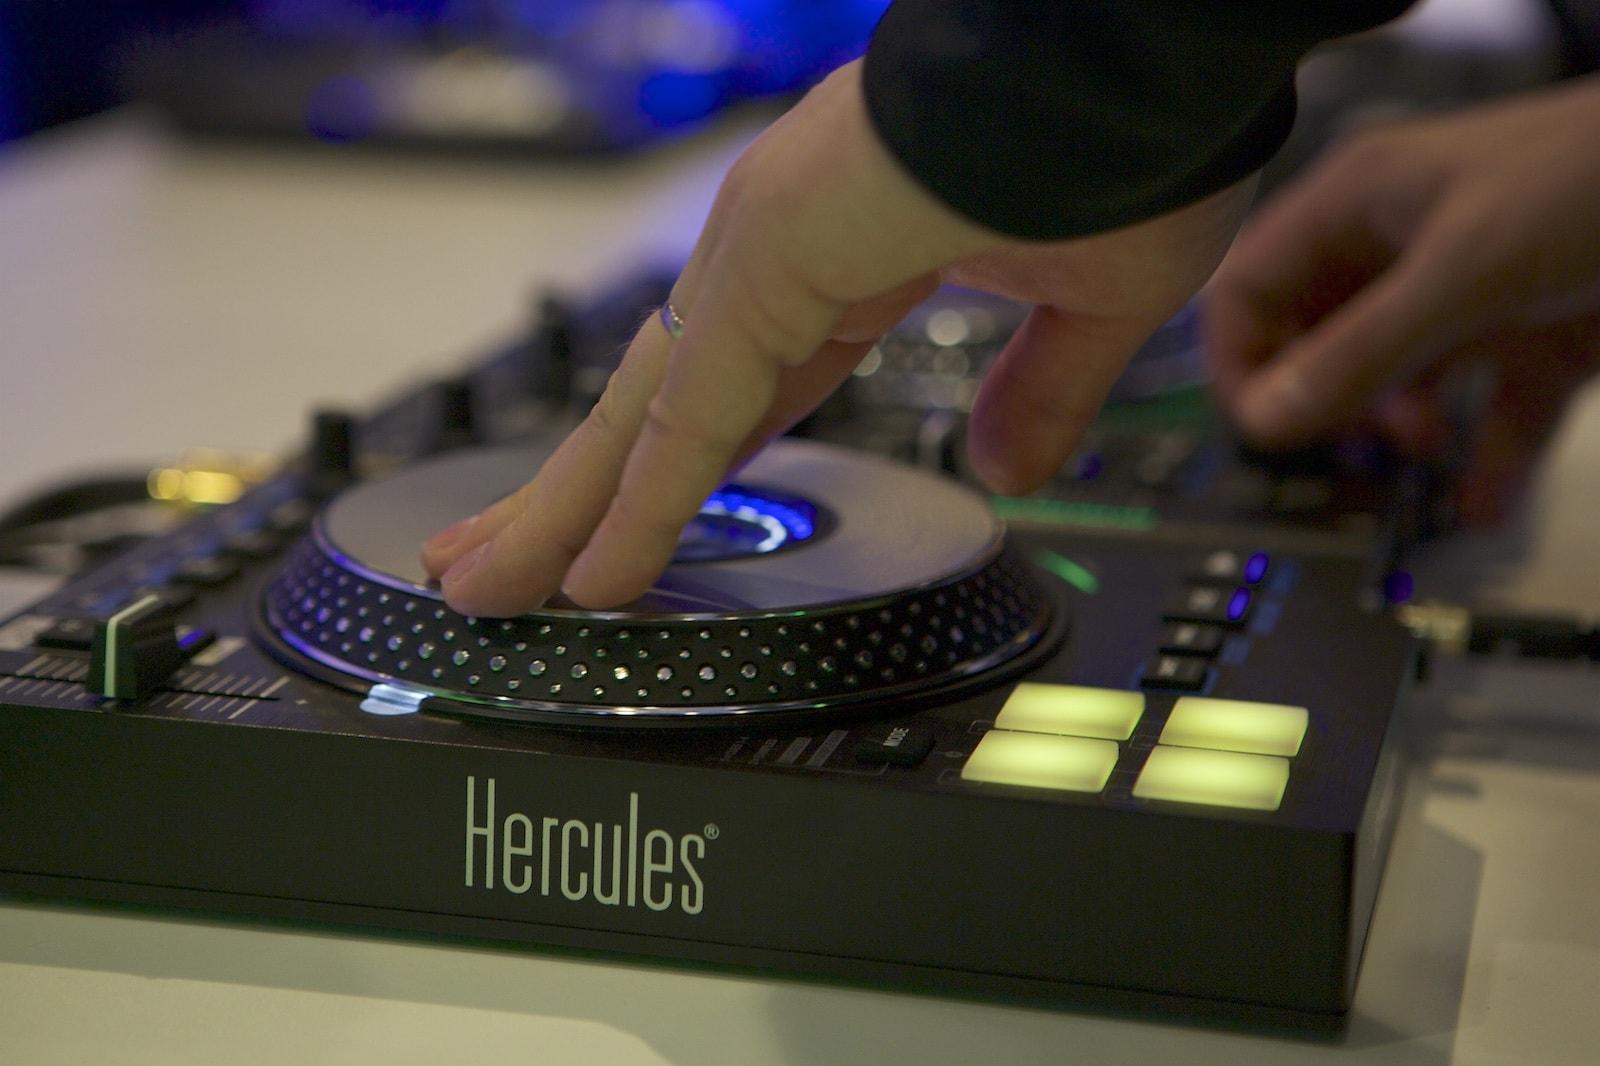 hercules22